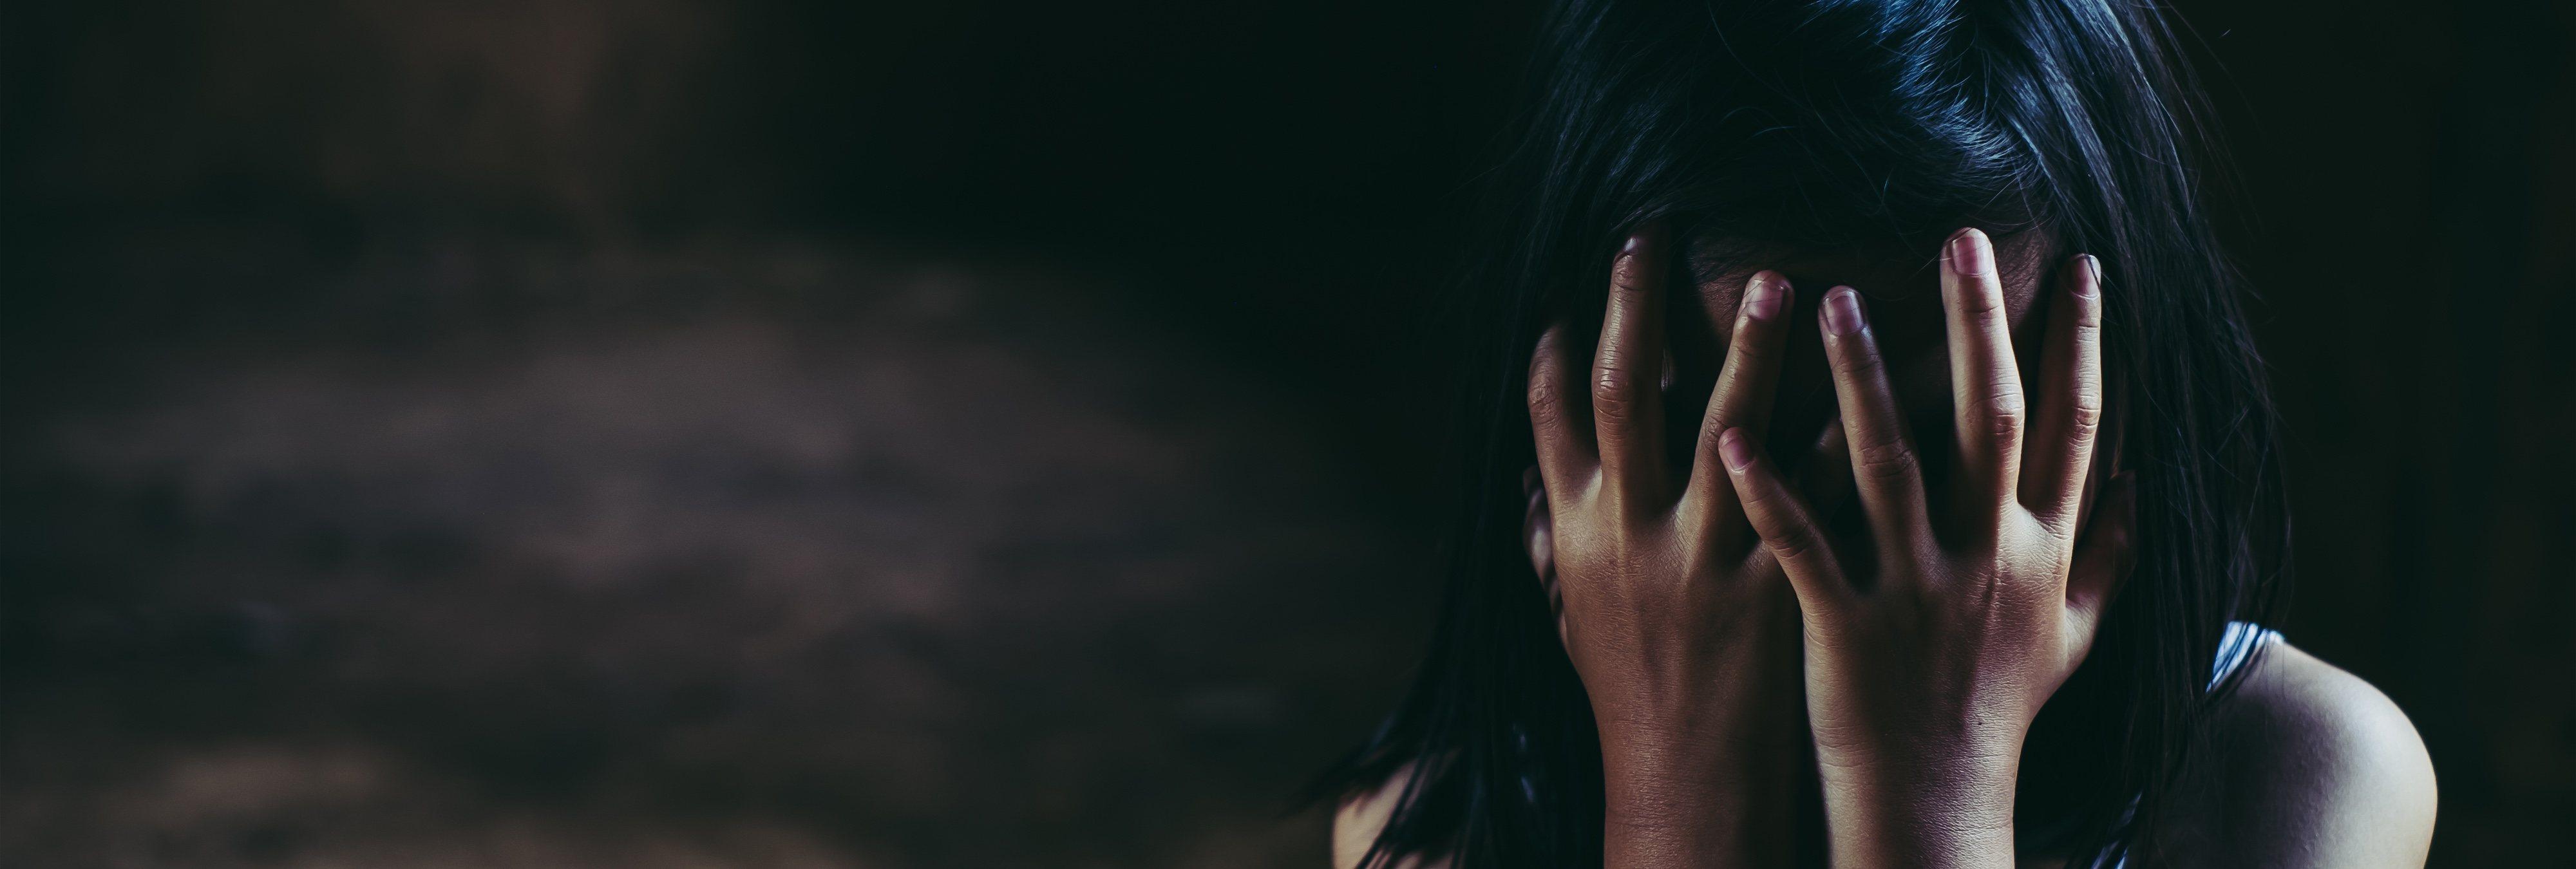 Detenido un profesor de matemáticas por violar a su alumna bajo la amenaza de suspenderla